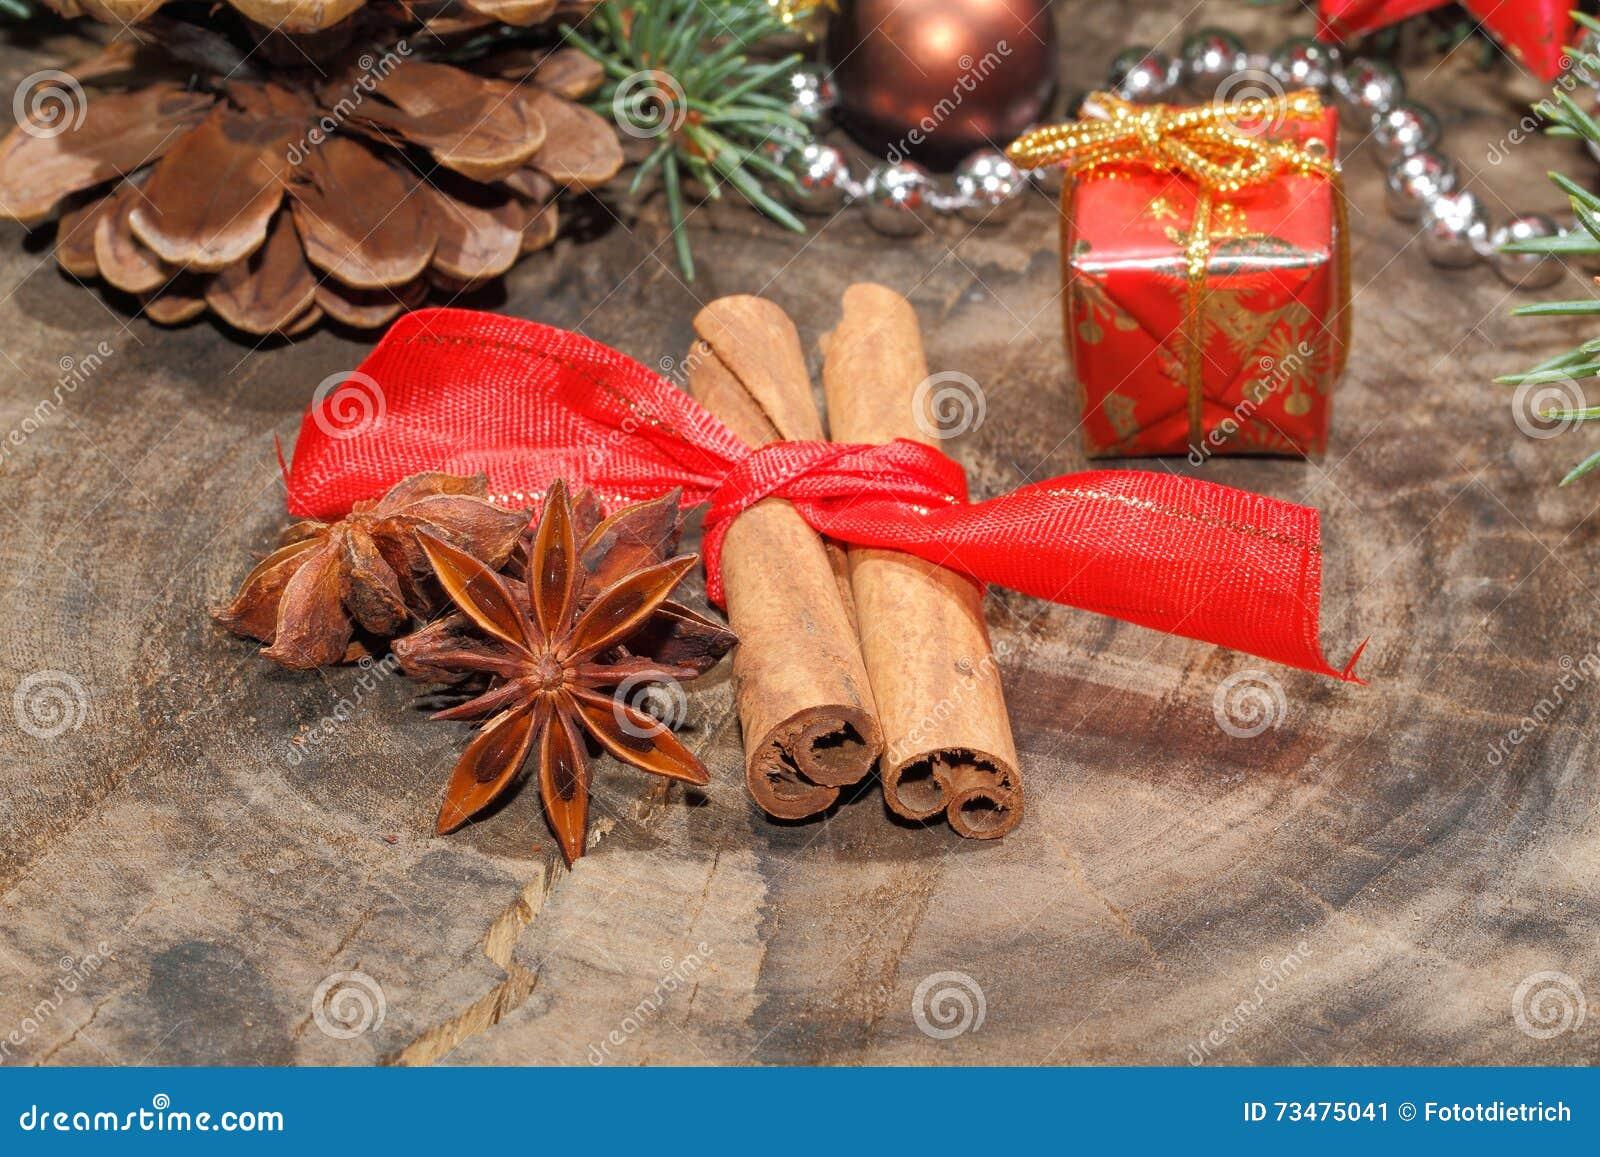 肉桂条,八角,圣诞节装饰